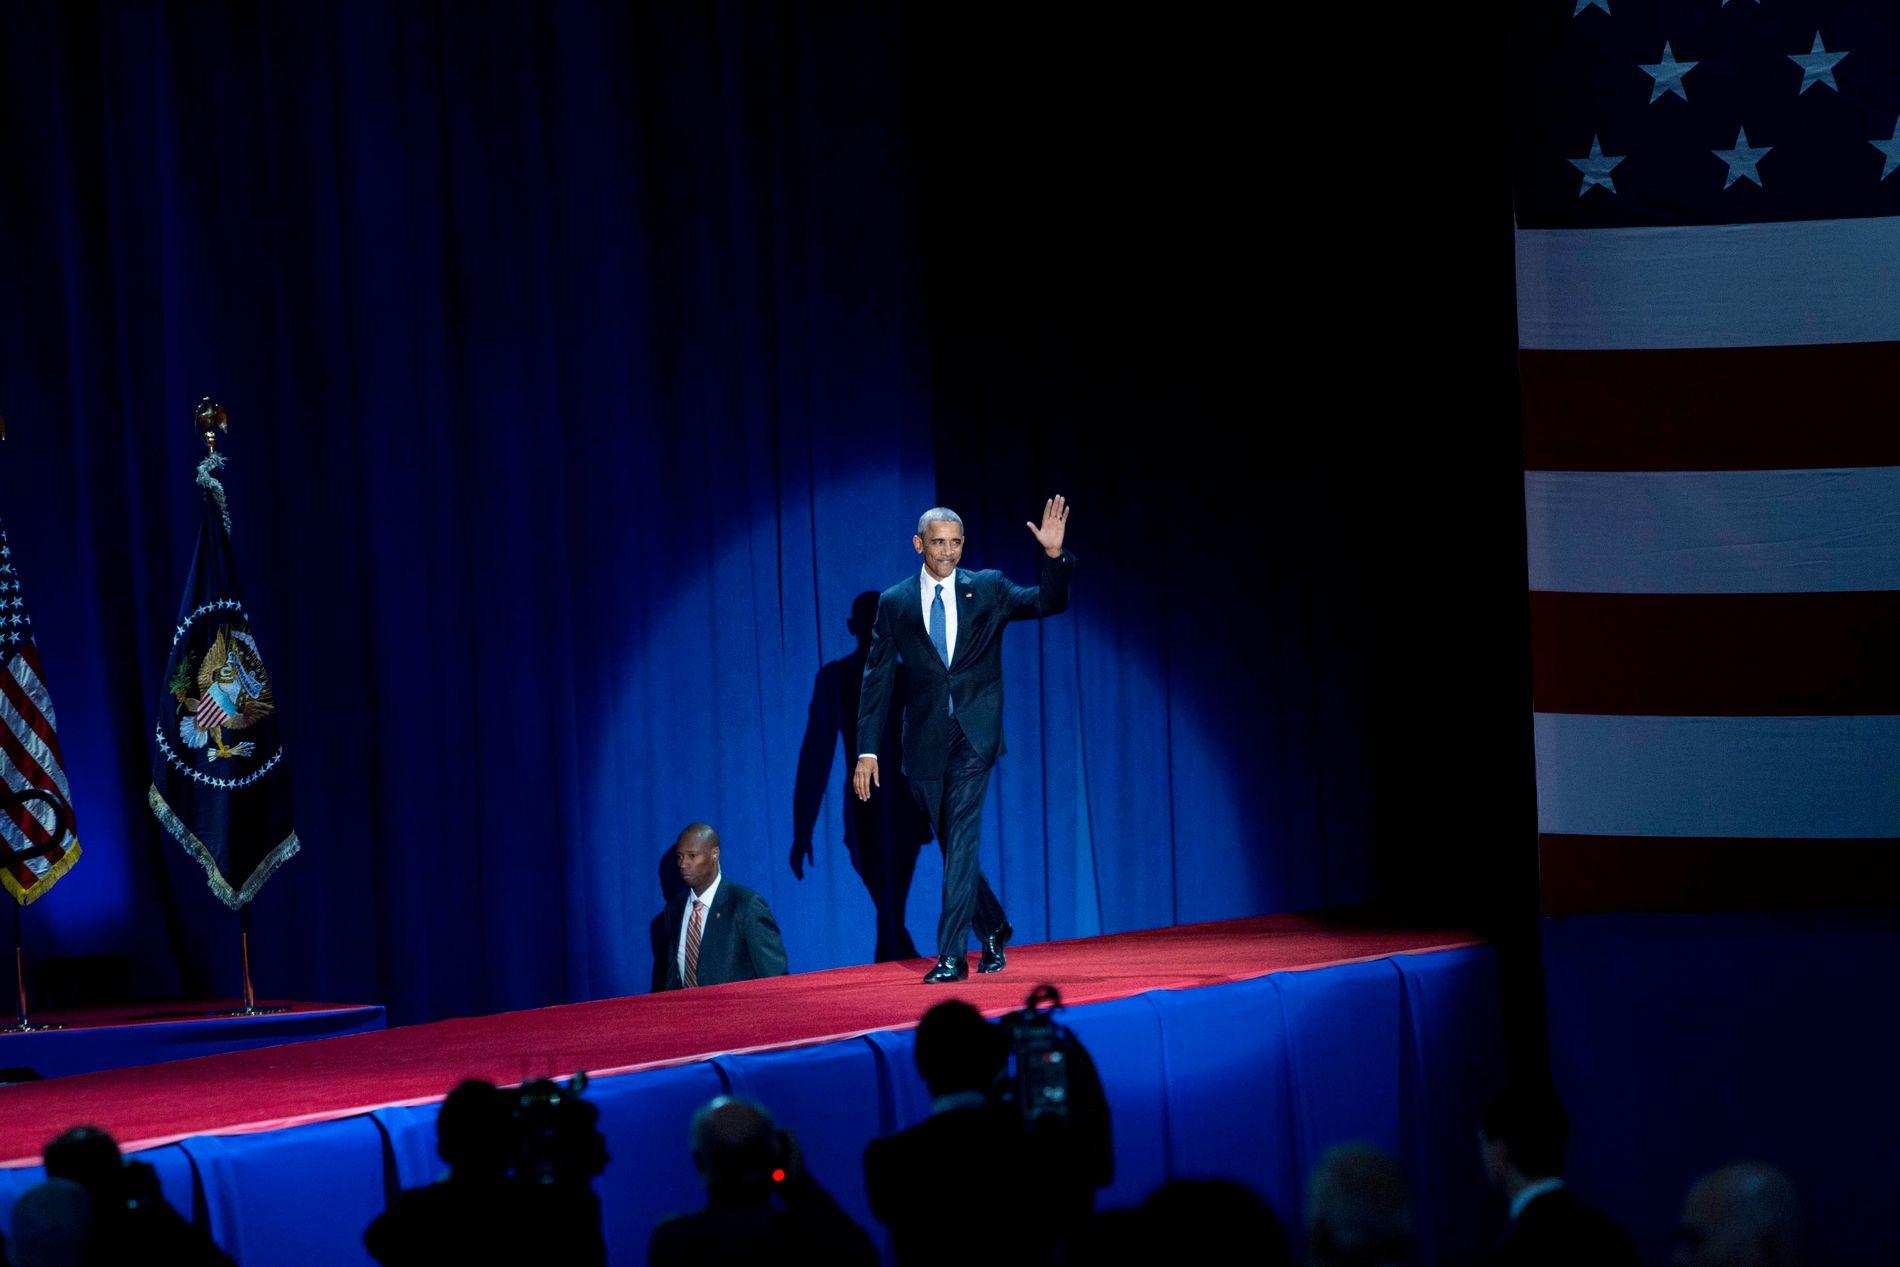 PÅ SAMME SCENE: USAs tidligere president Barack Obama skal tale på en konferanse - sammen med Gunhild Stordalen. Her fra da han holdt sin avskjedstale 10. januar i år. FOTO: THOMAS NILSSON/VG